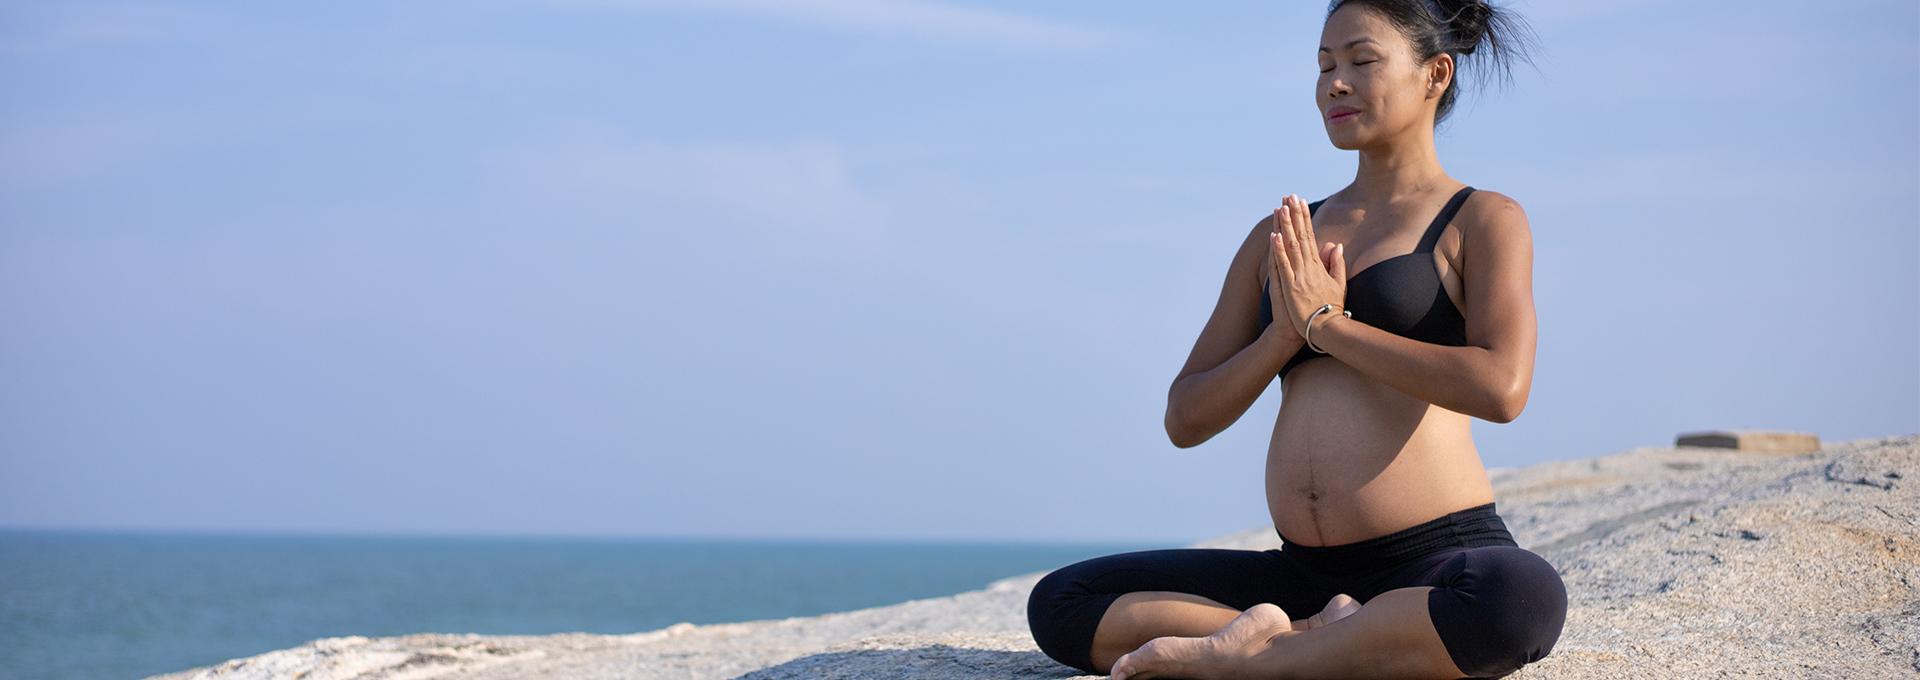 Estudos internacionais mostram que um local aquecido aumenta os riscos para a gravidez